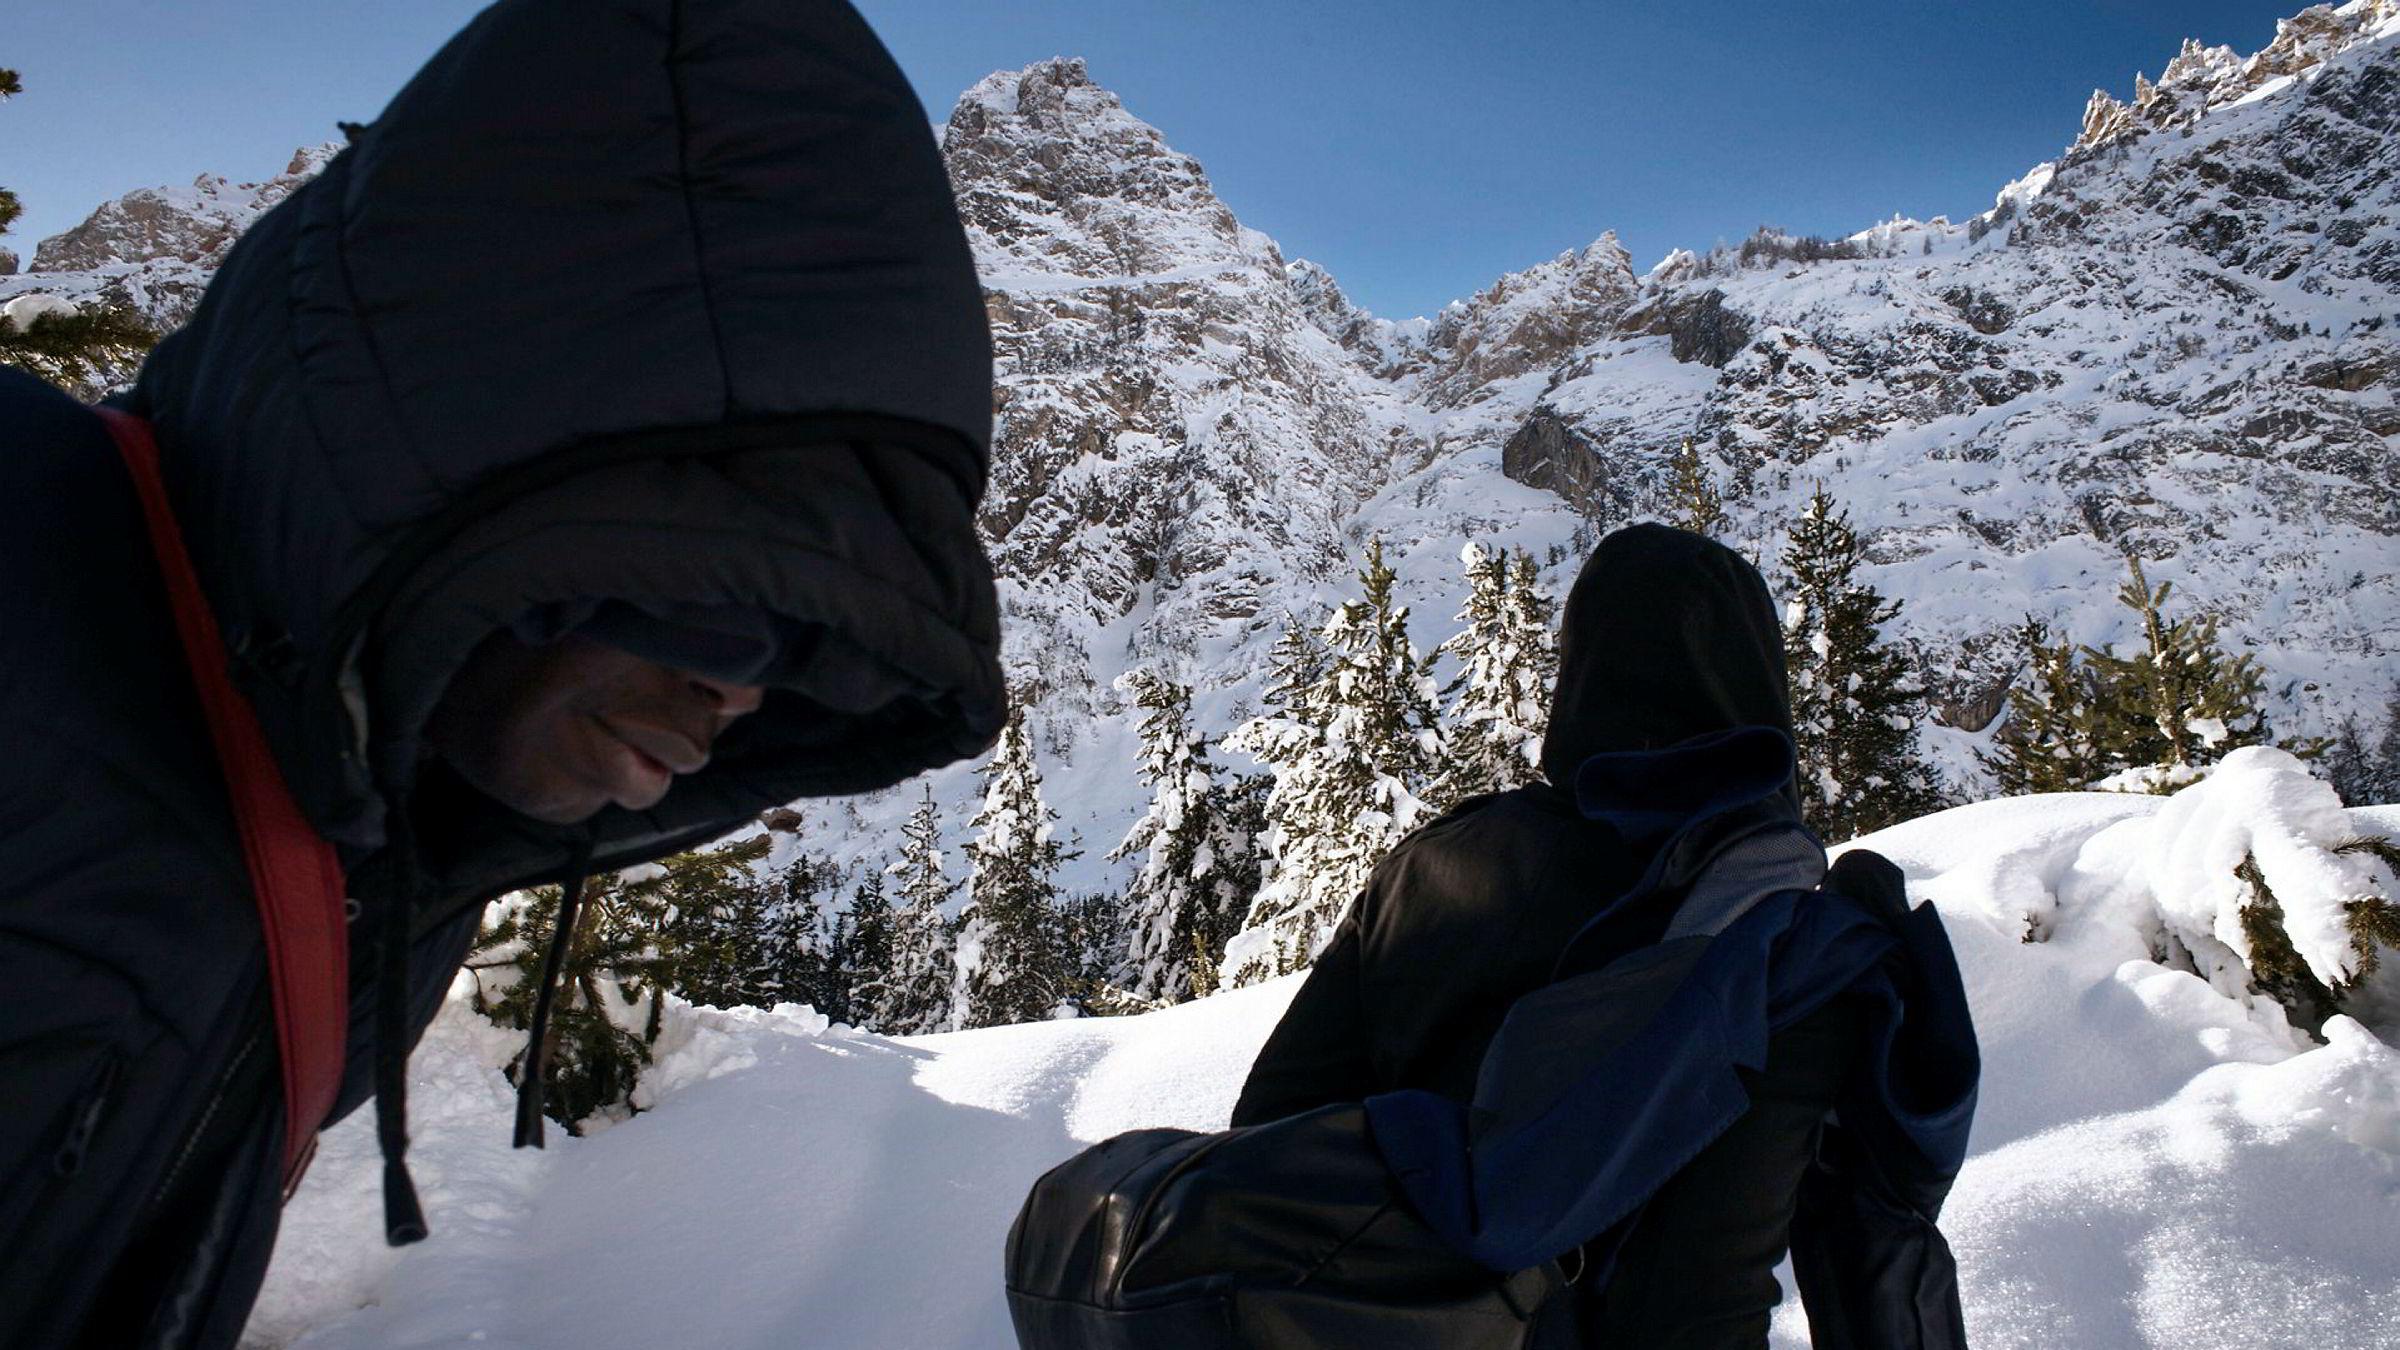 Innvandring er et hett tema i Italia før søndagens valg. Ikke alle ser for seg en fremtid i Italia, som disse to som har valgt å gå over Alpene ved fjellpasset Colle della Scala for å komme seg videre inn i Frankrike. Bildet er tatt i januar.